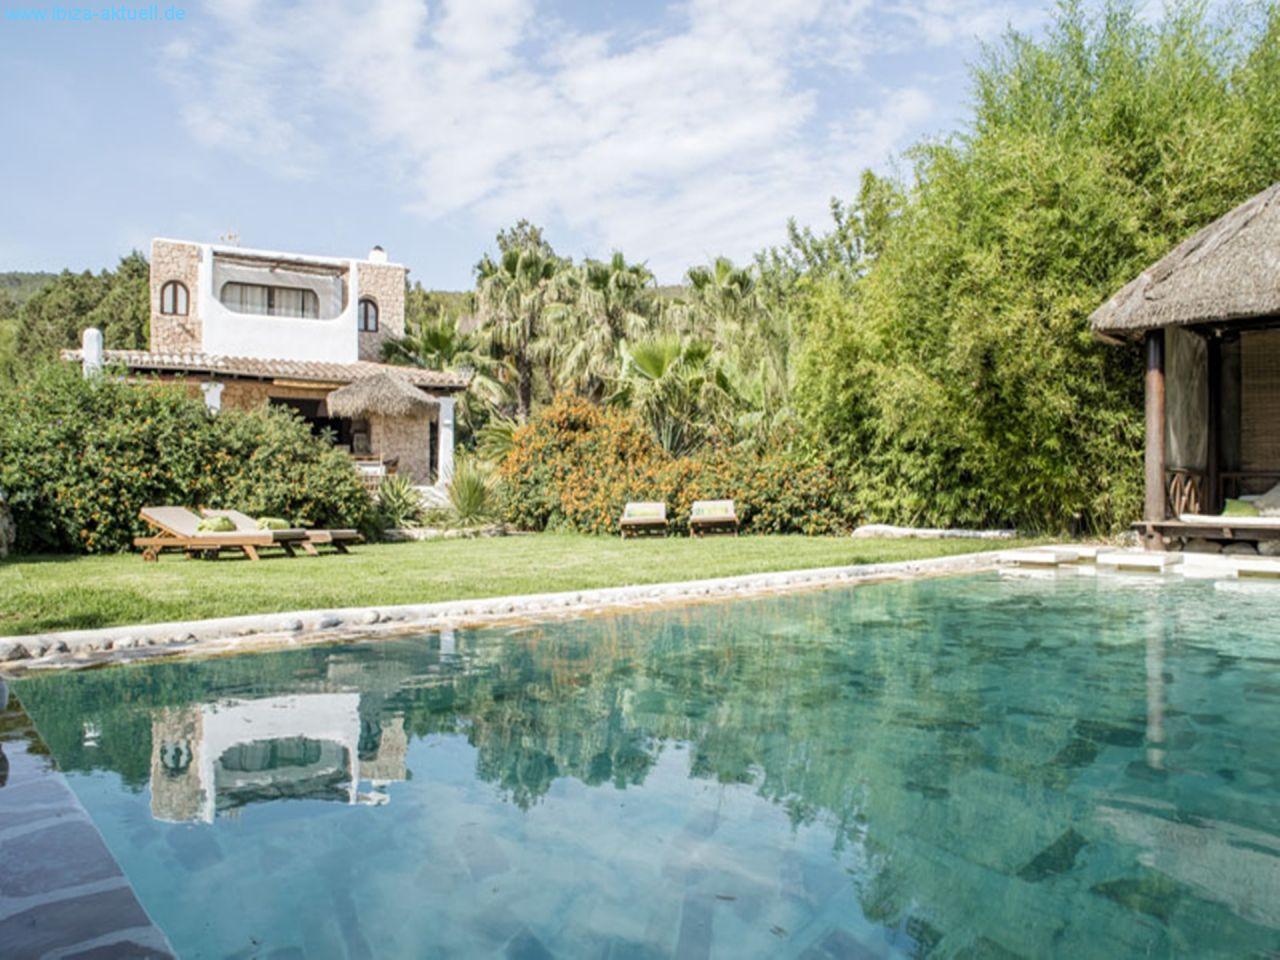 Villa im ibiza style mit pool - Santa eularia des riu ...